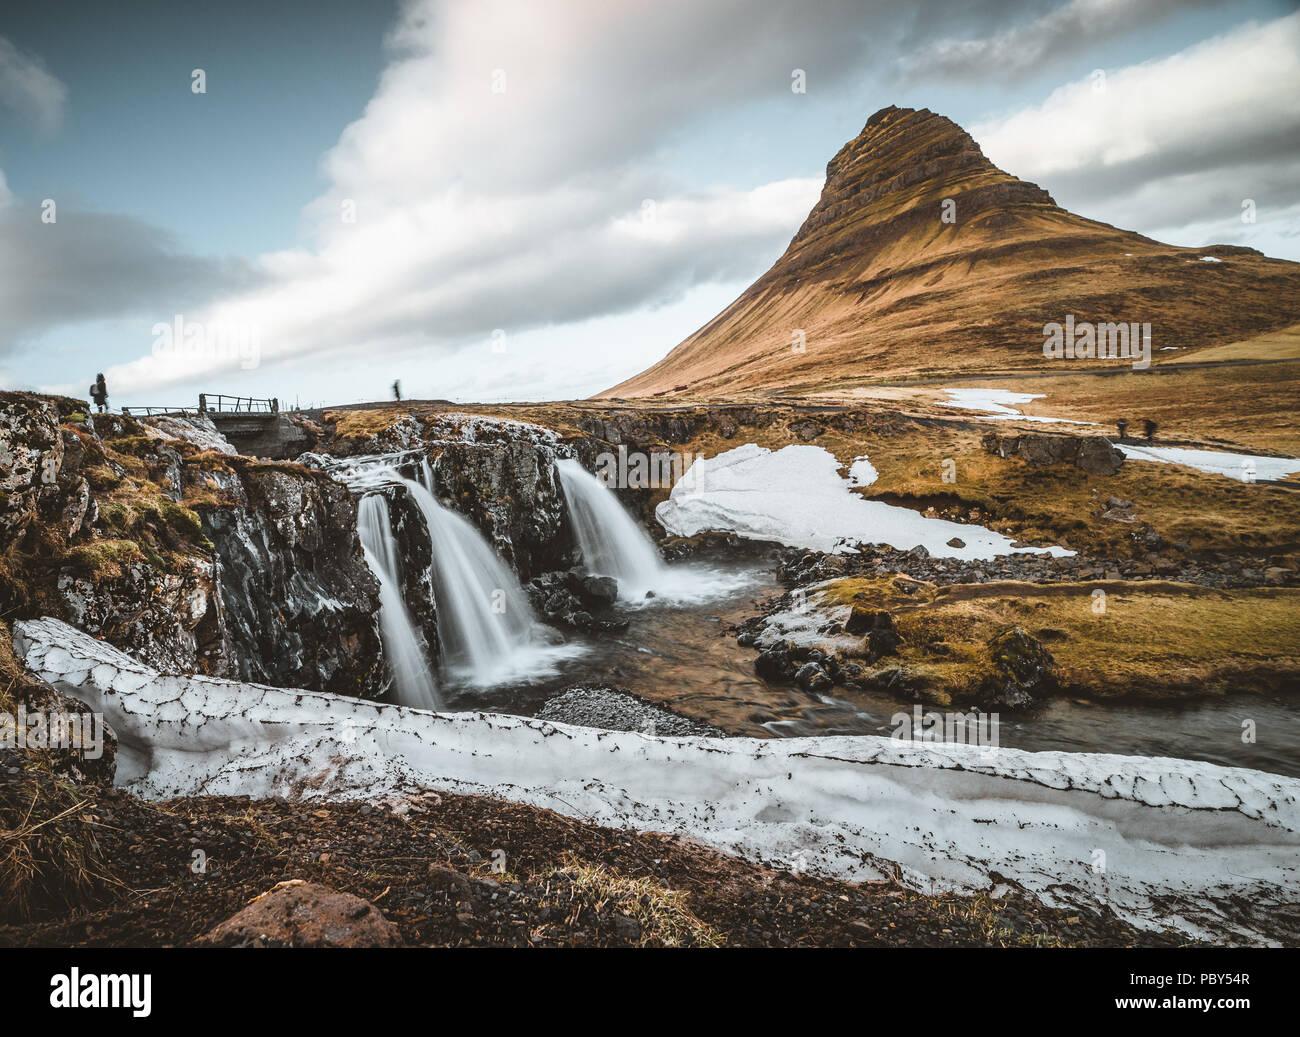 Kirkjufellsfoss und Kirkjufell Isländischer, Kirche Berg, ein 463 m hoher Berg an der Nordküste der Halbinsel Snaefellsnes Island, in der Nähe der Stadt Grundarfjordur, Island Stockbild